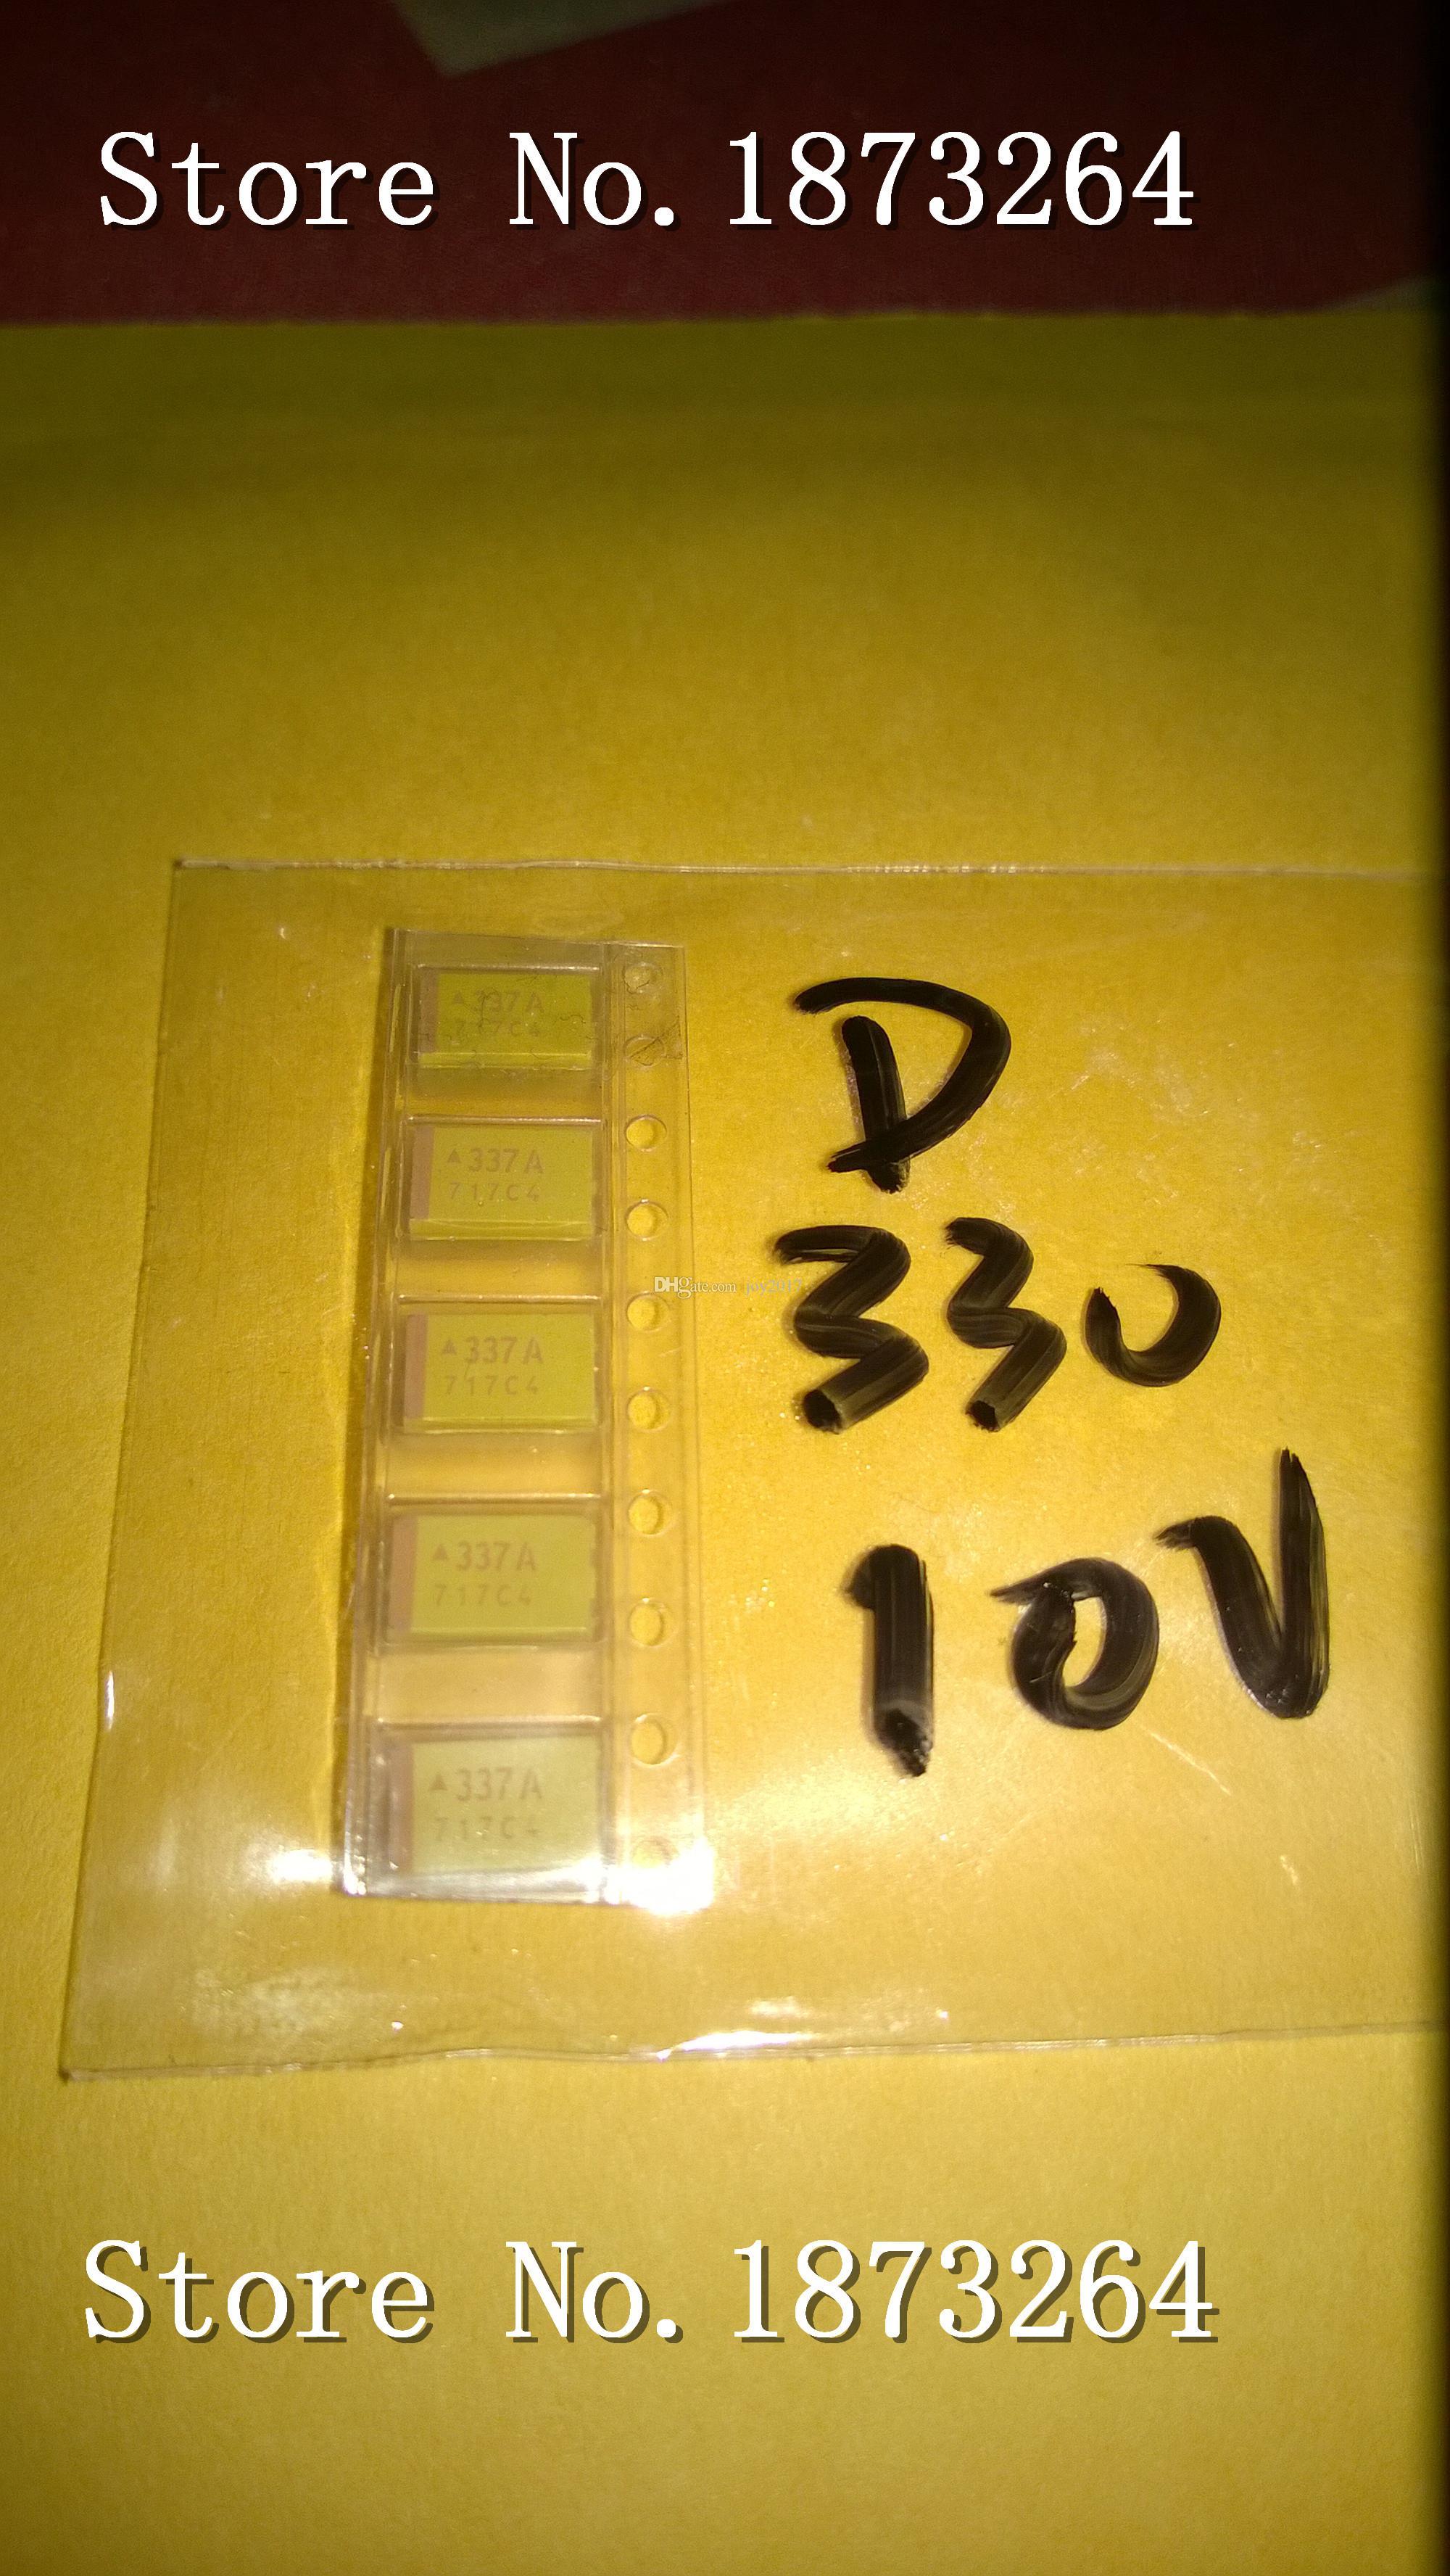 Livraison gratuite TAJD337K010RNJ D 7343 330UF 10V original et nouveau 100PCS / LOT